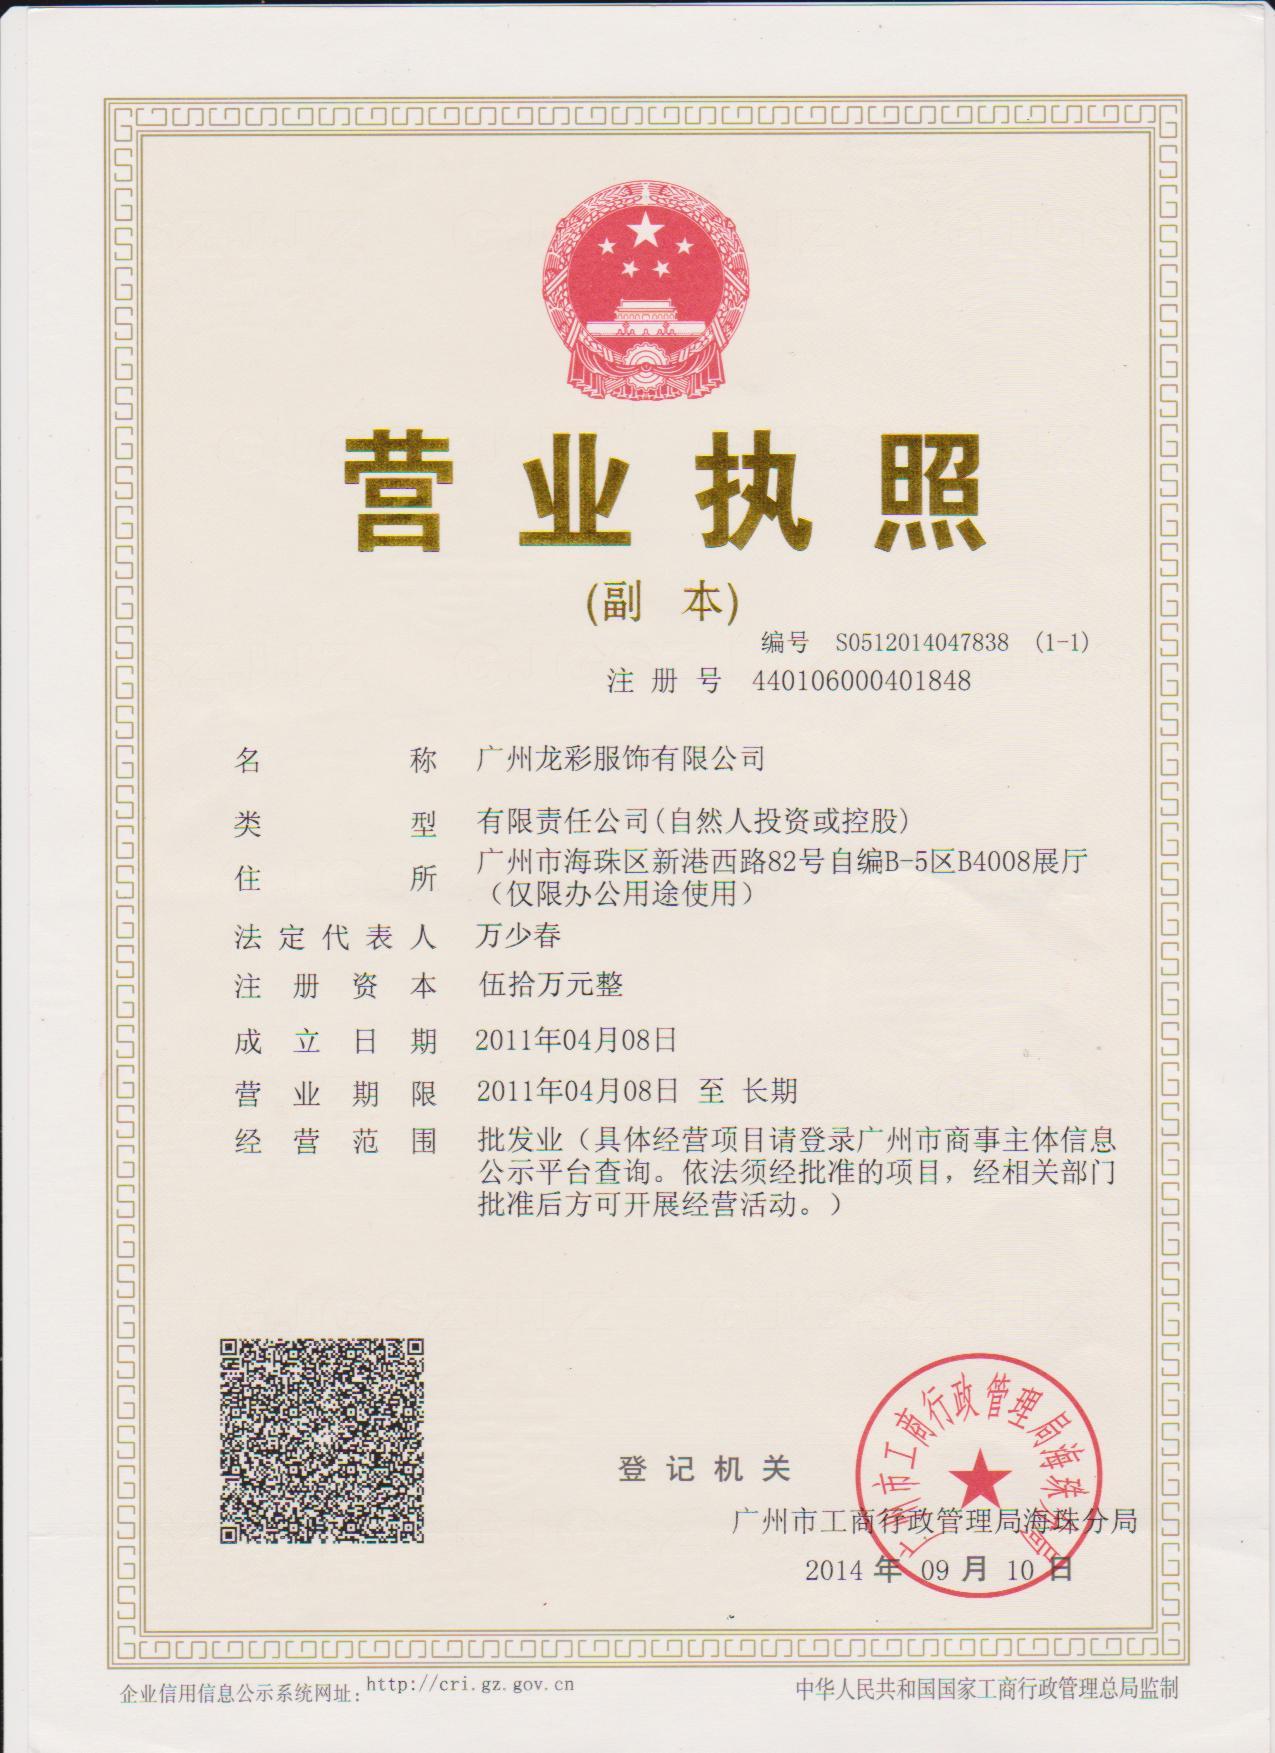 广州龙彩服饰有限公司企业档案